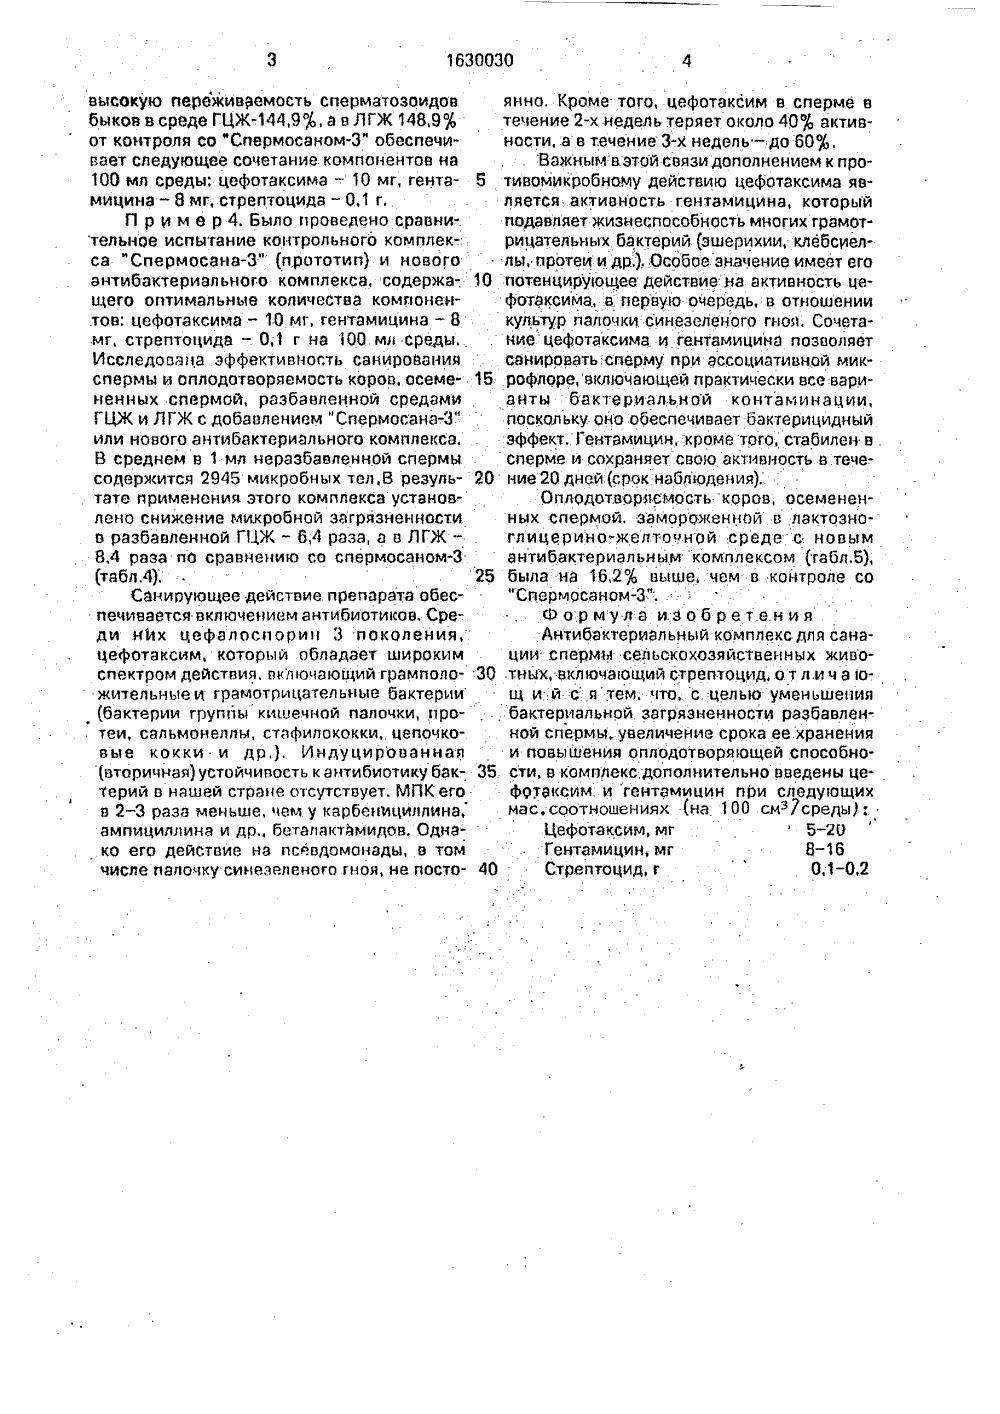 opredelenie-zhiznesposobnosti-spermatozoidov